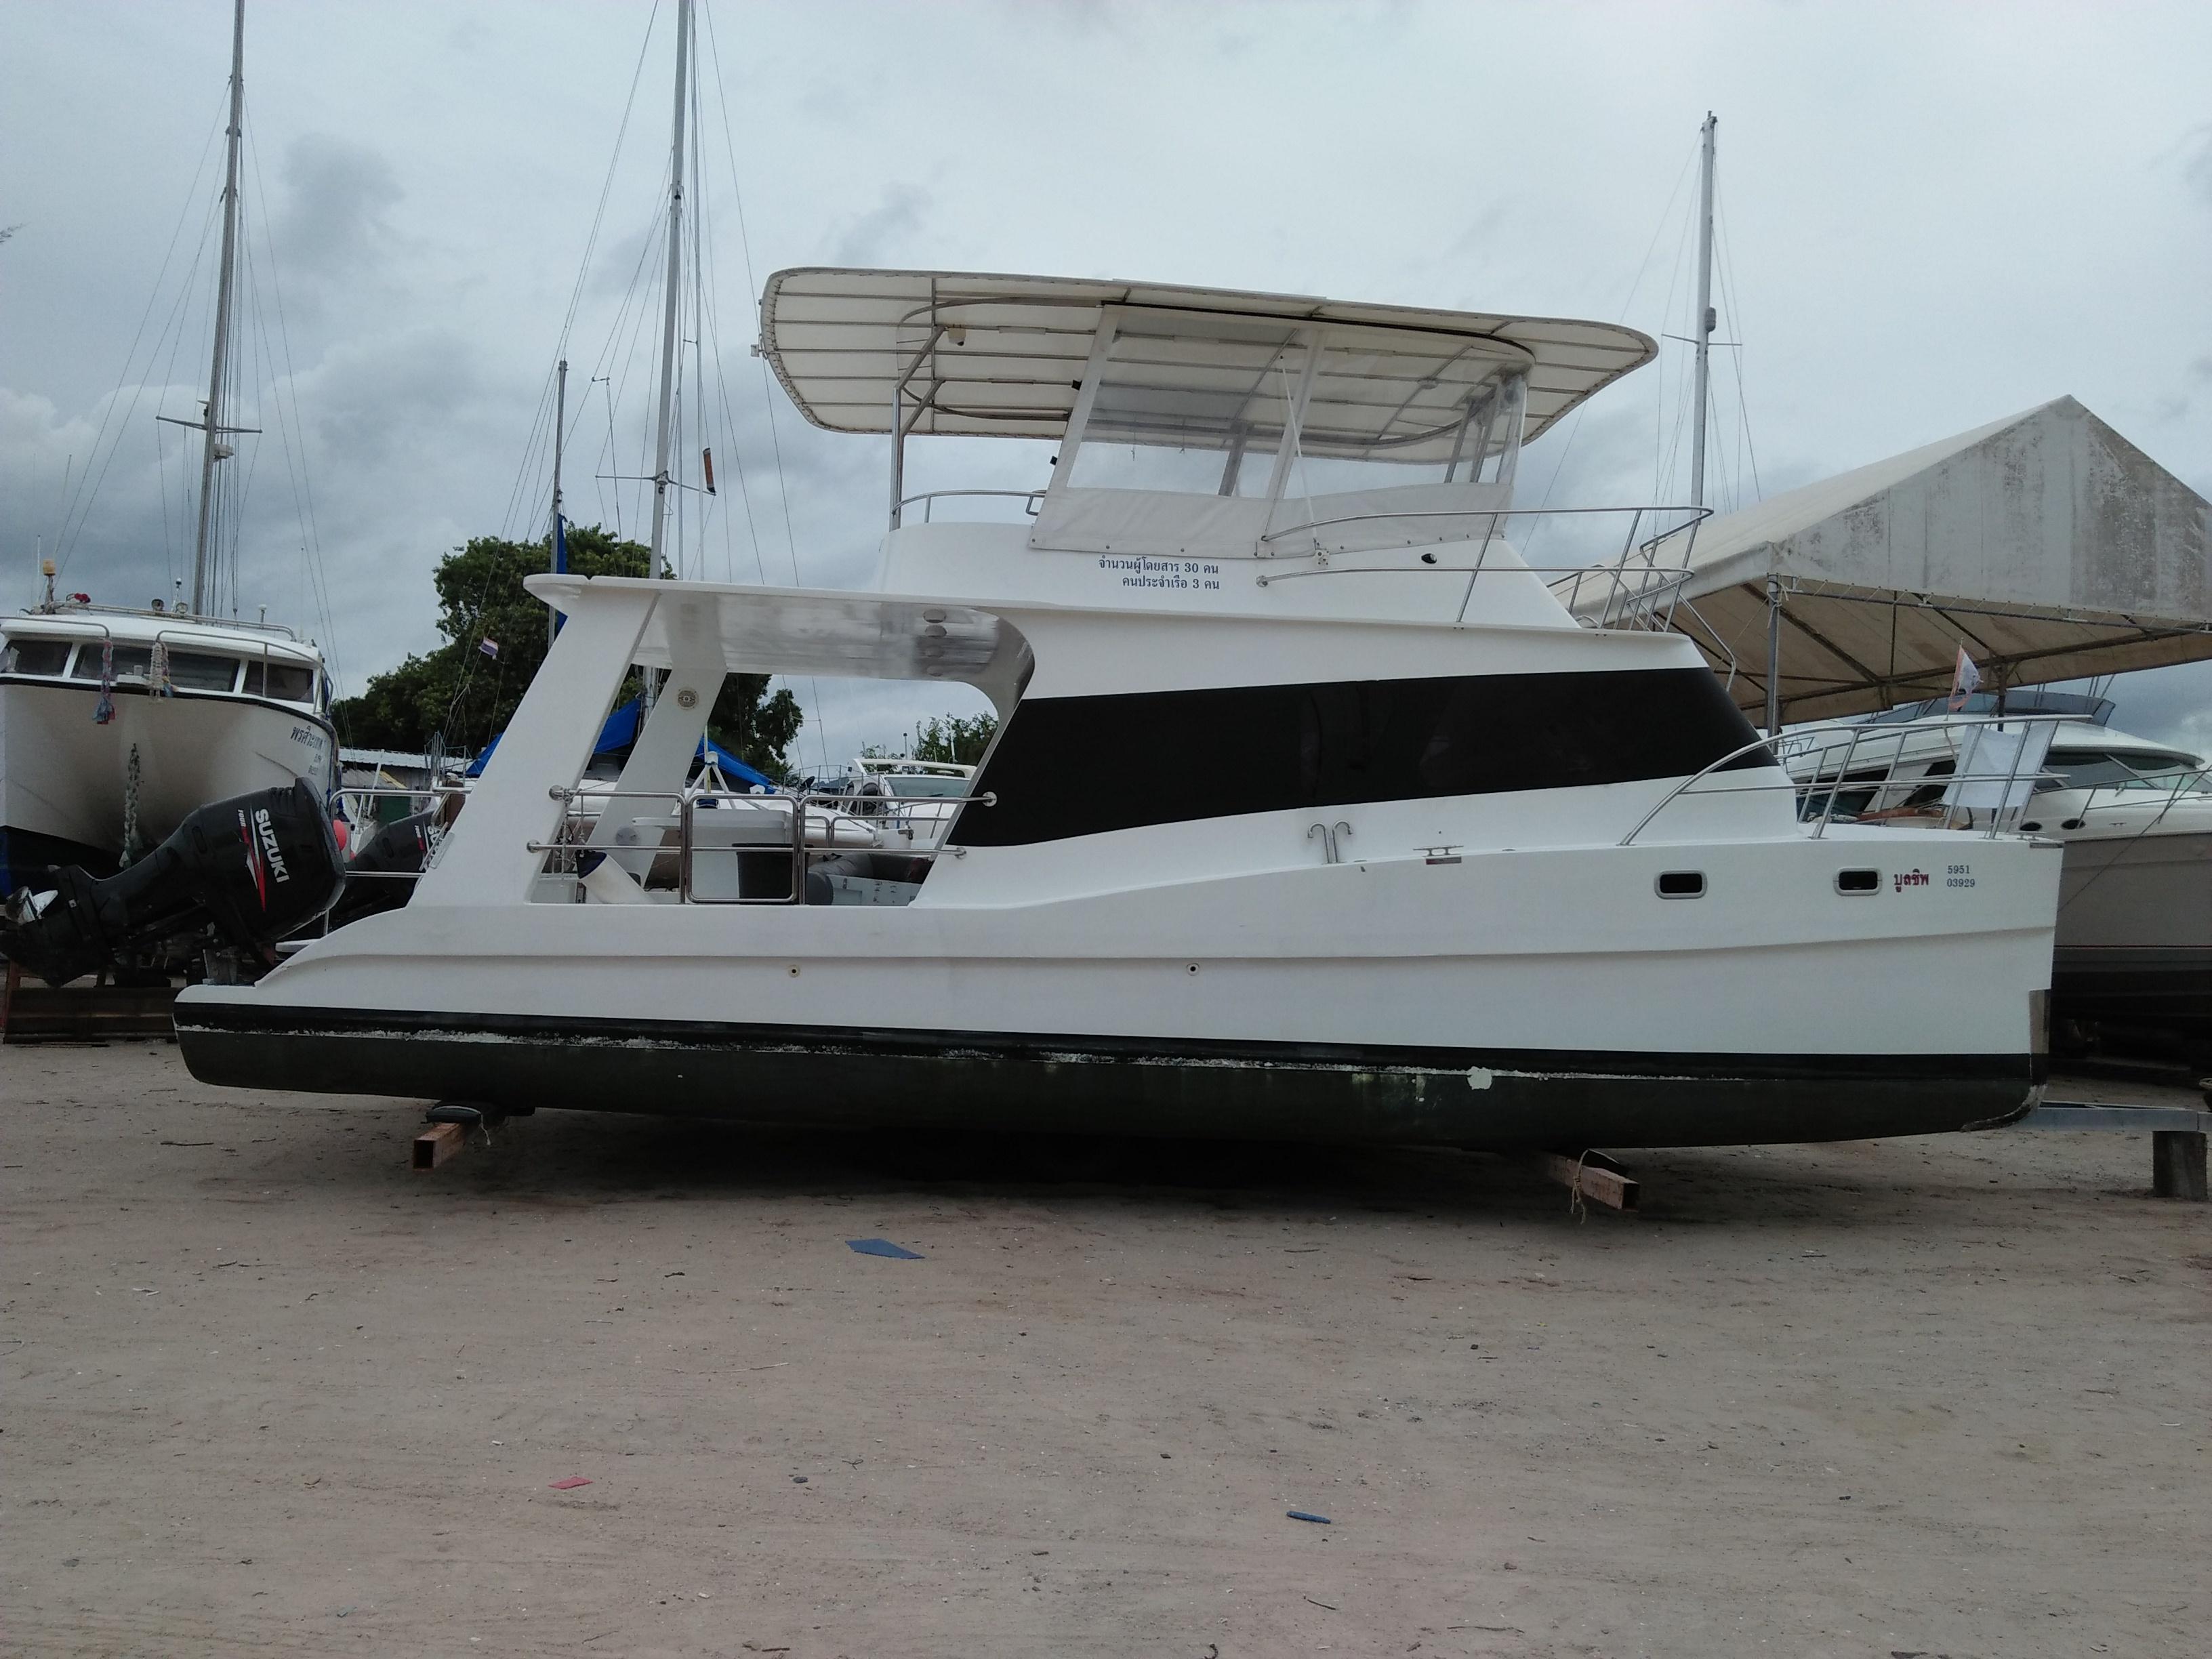 Power Catamaran 36 ft day charter